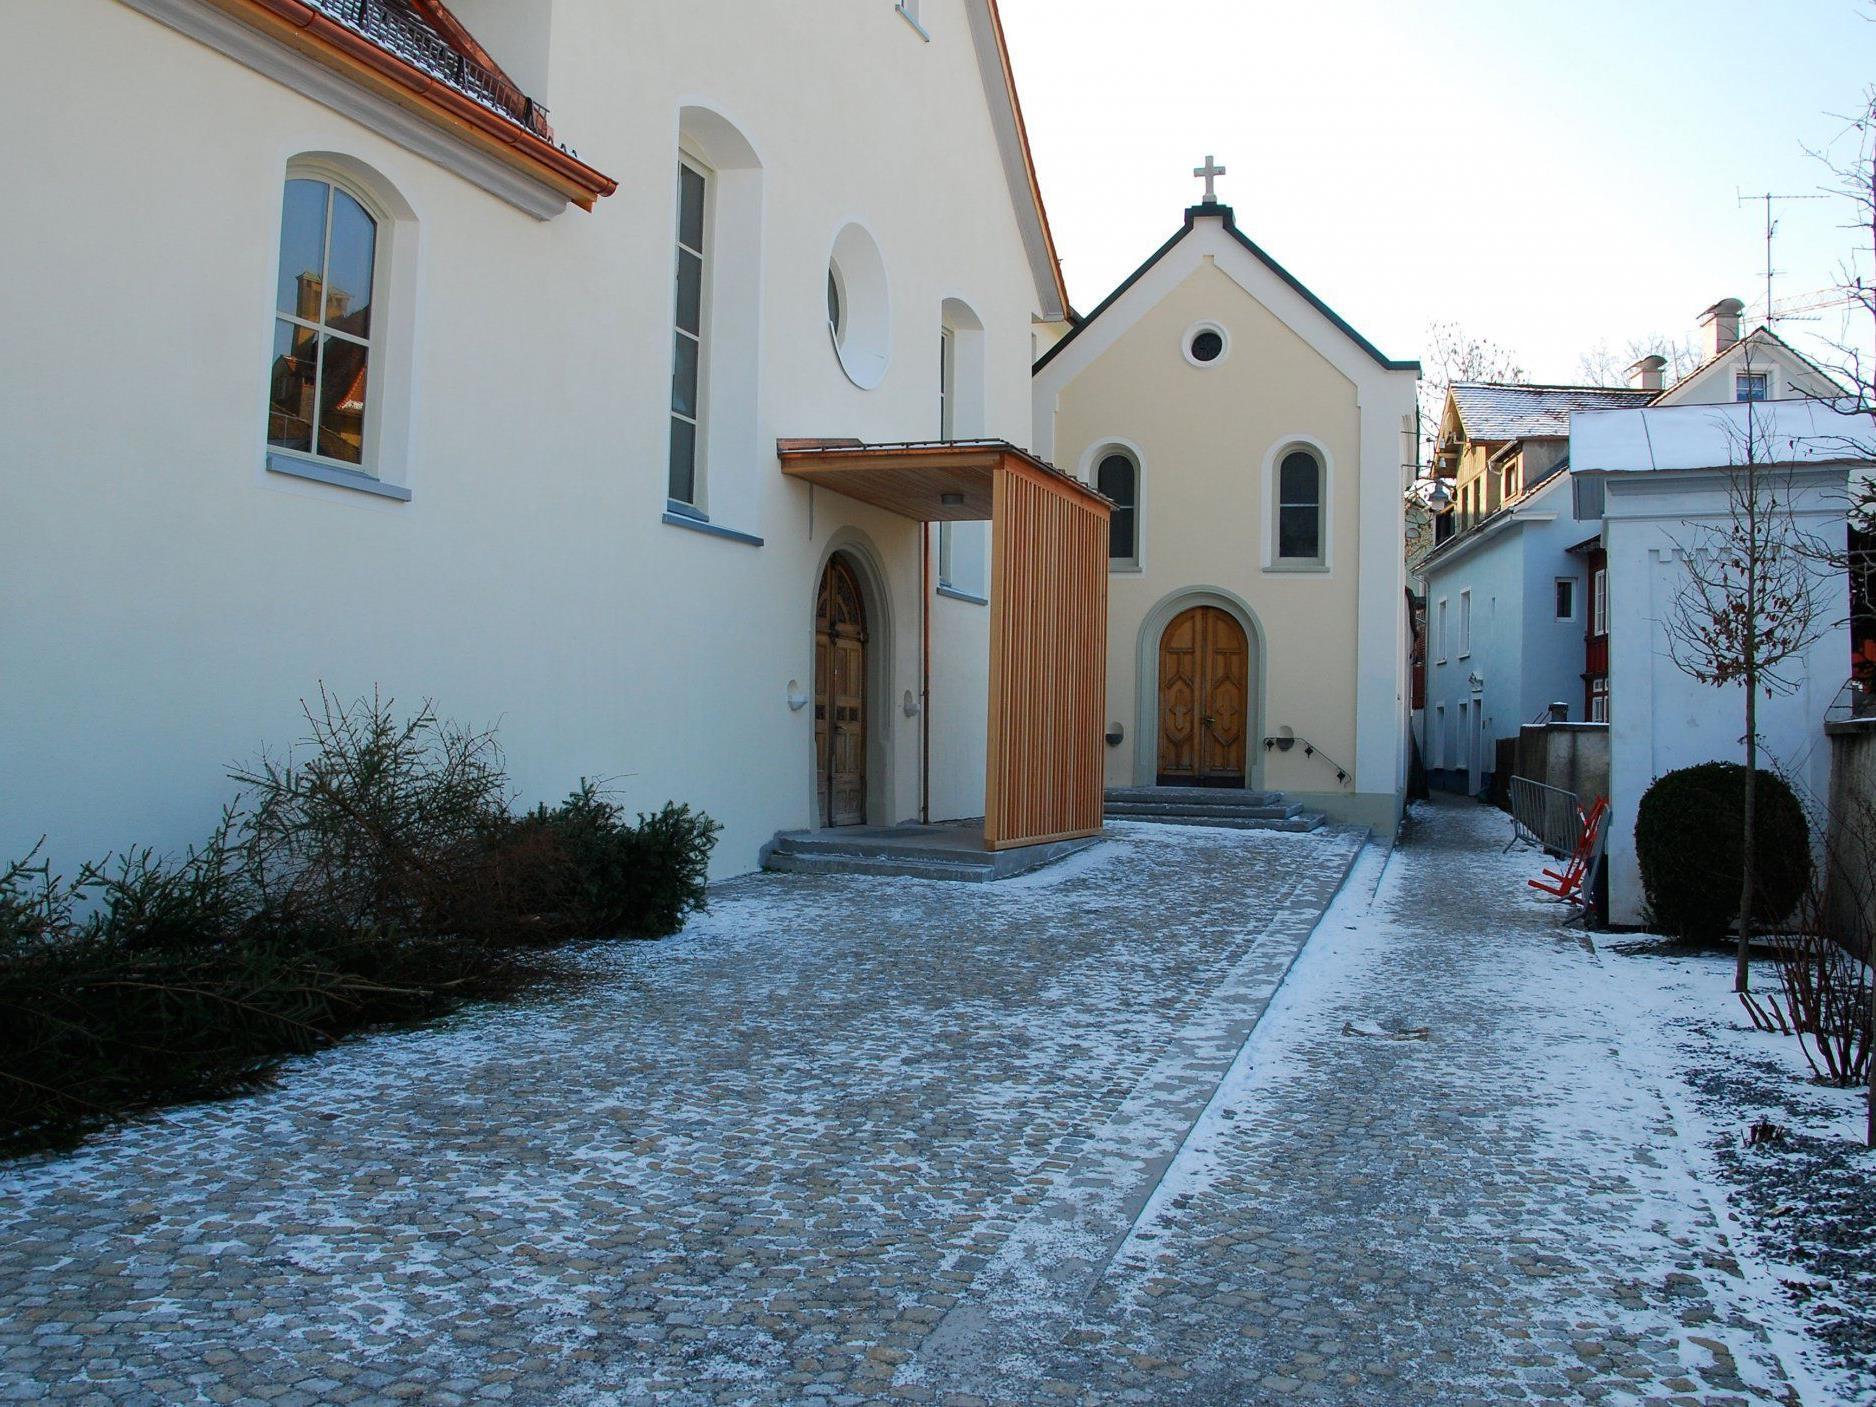 Kirchenplatz mit Lourdes-Kapelle und dem neuen Kirchenentree.